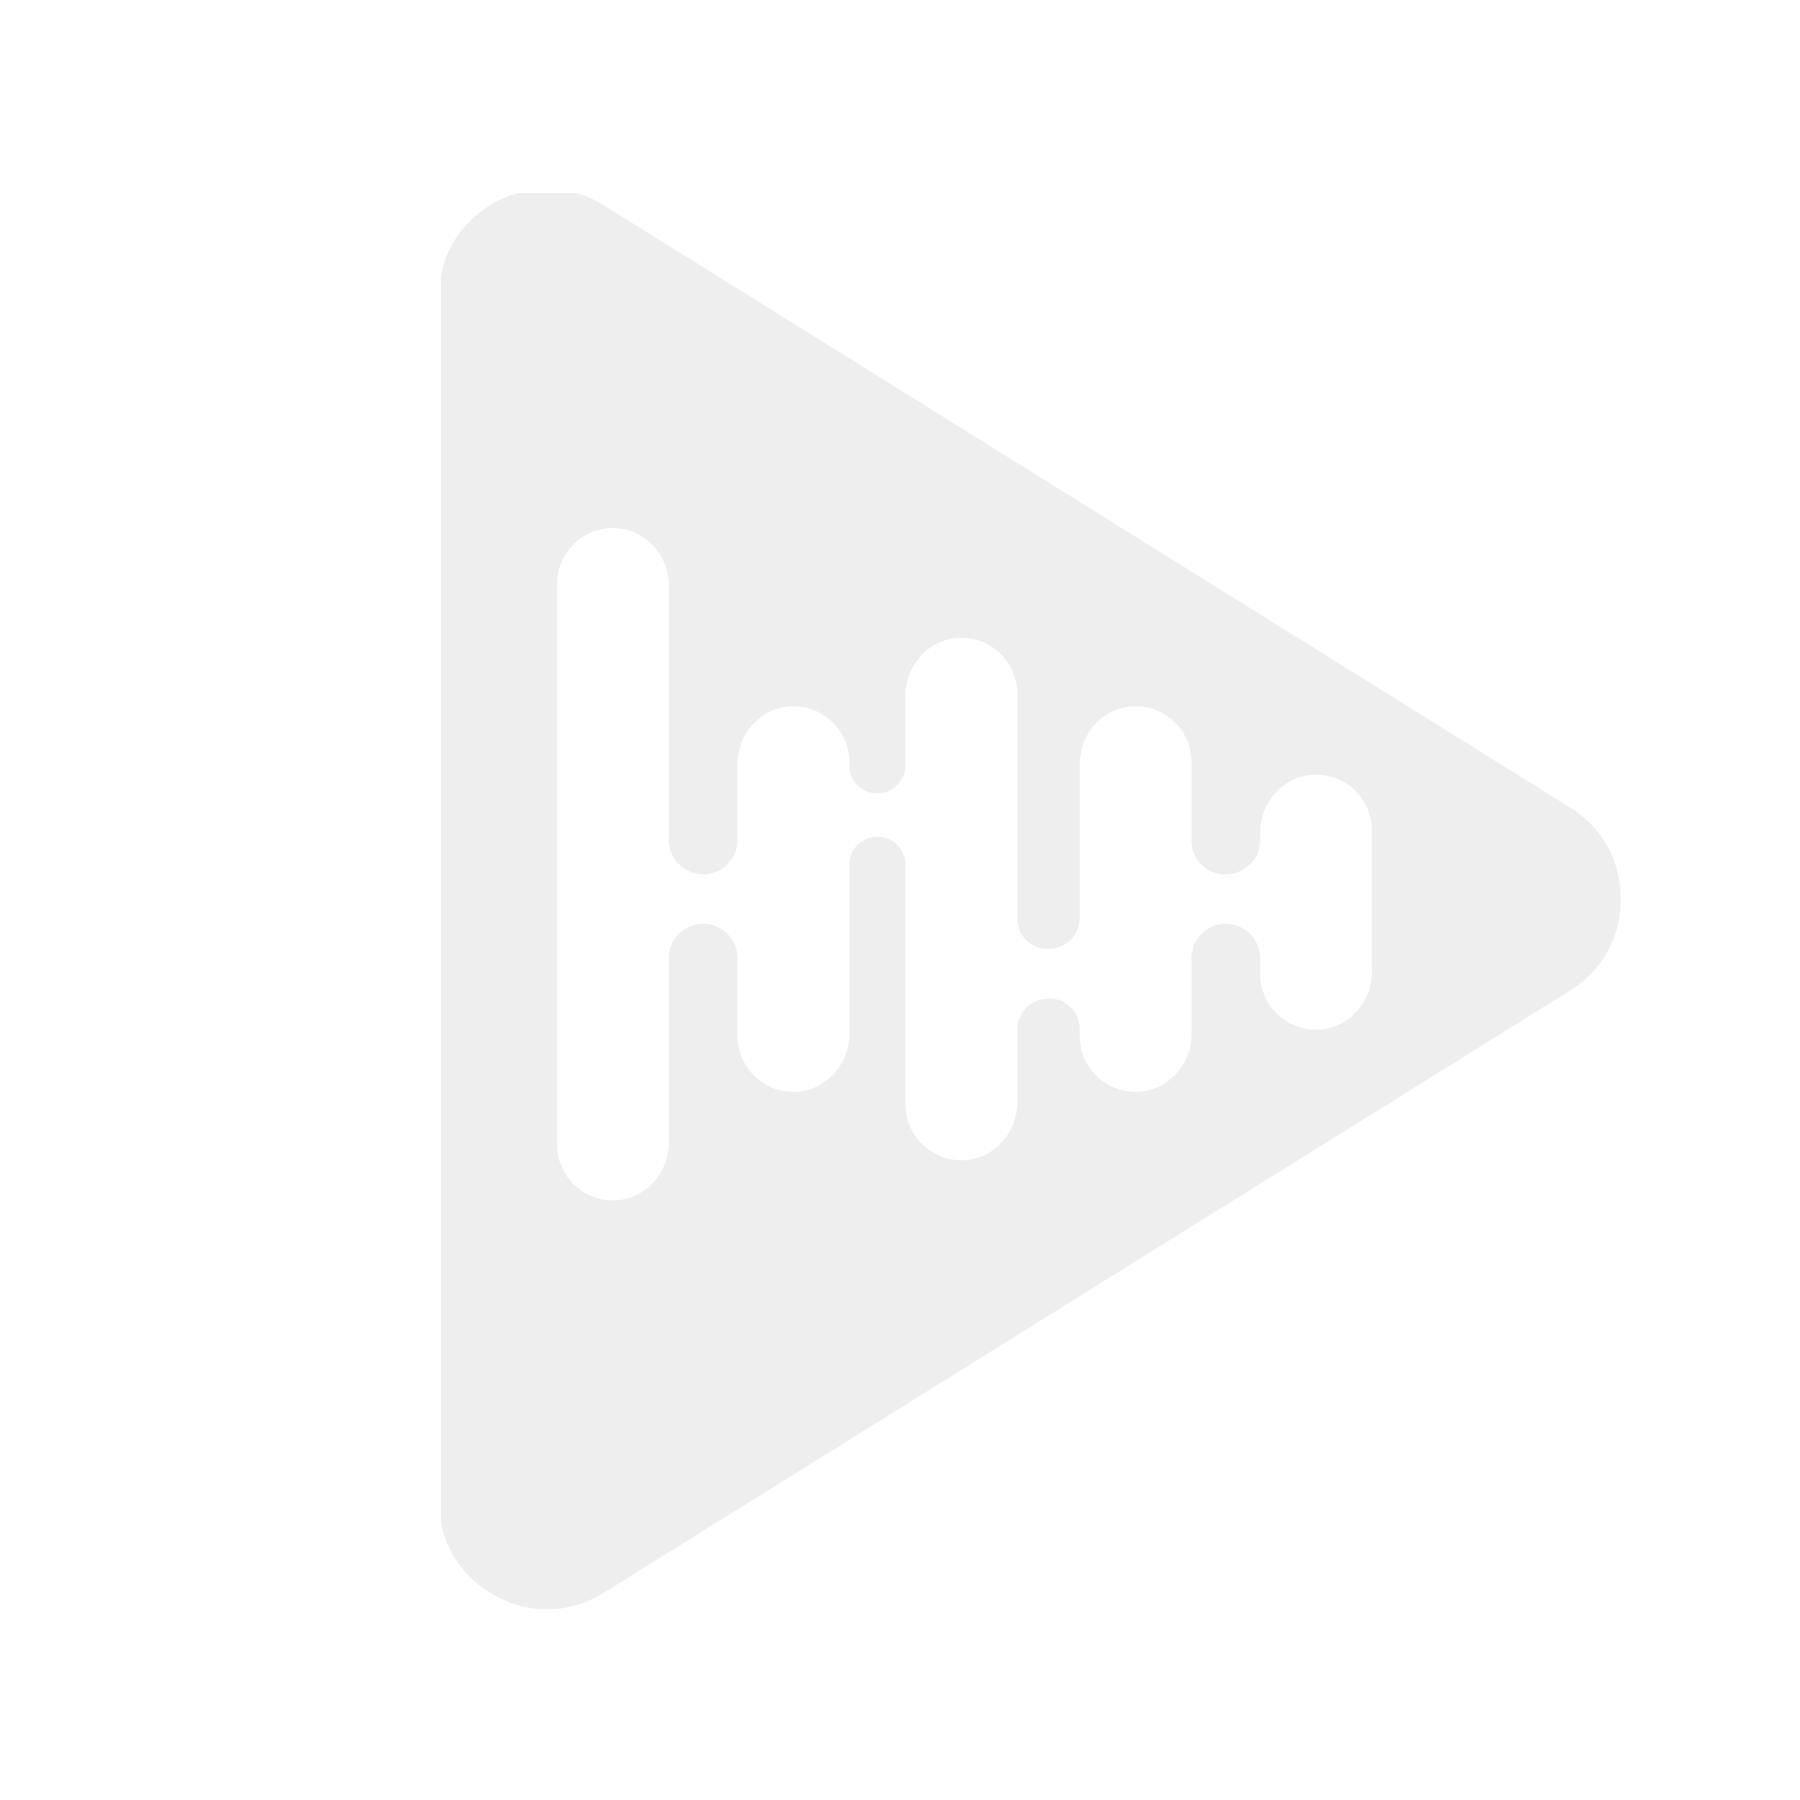 Skoddejuice Florida Key Lime Aroma